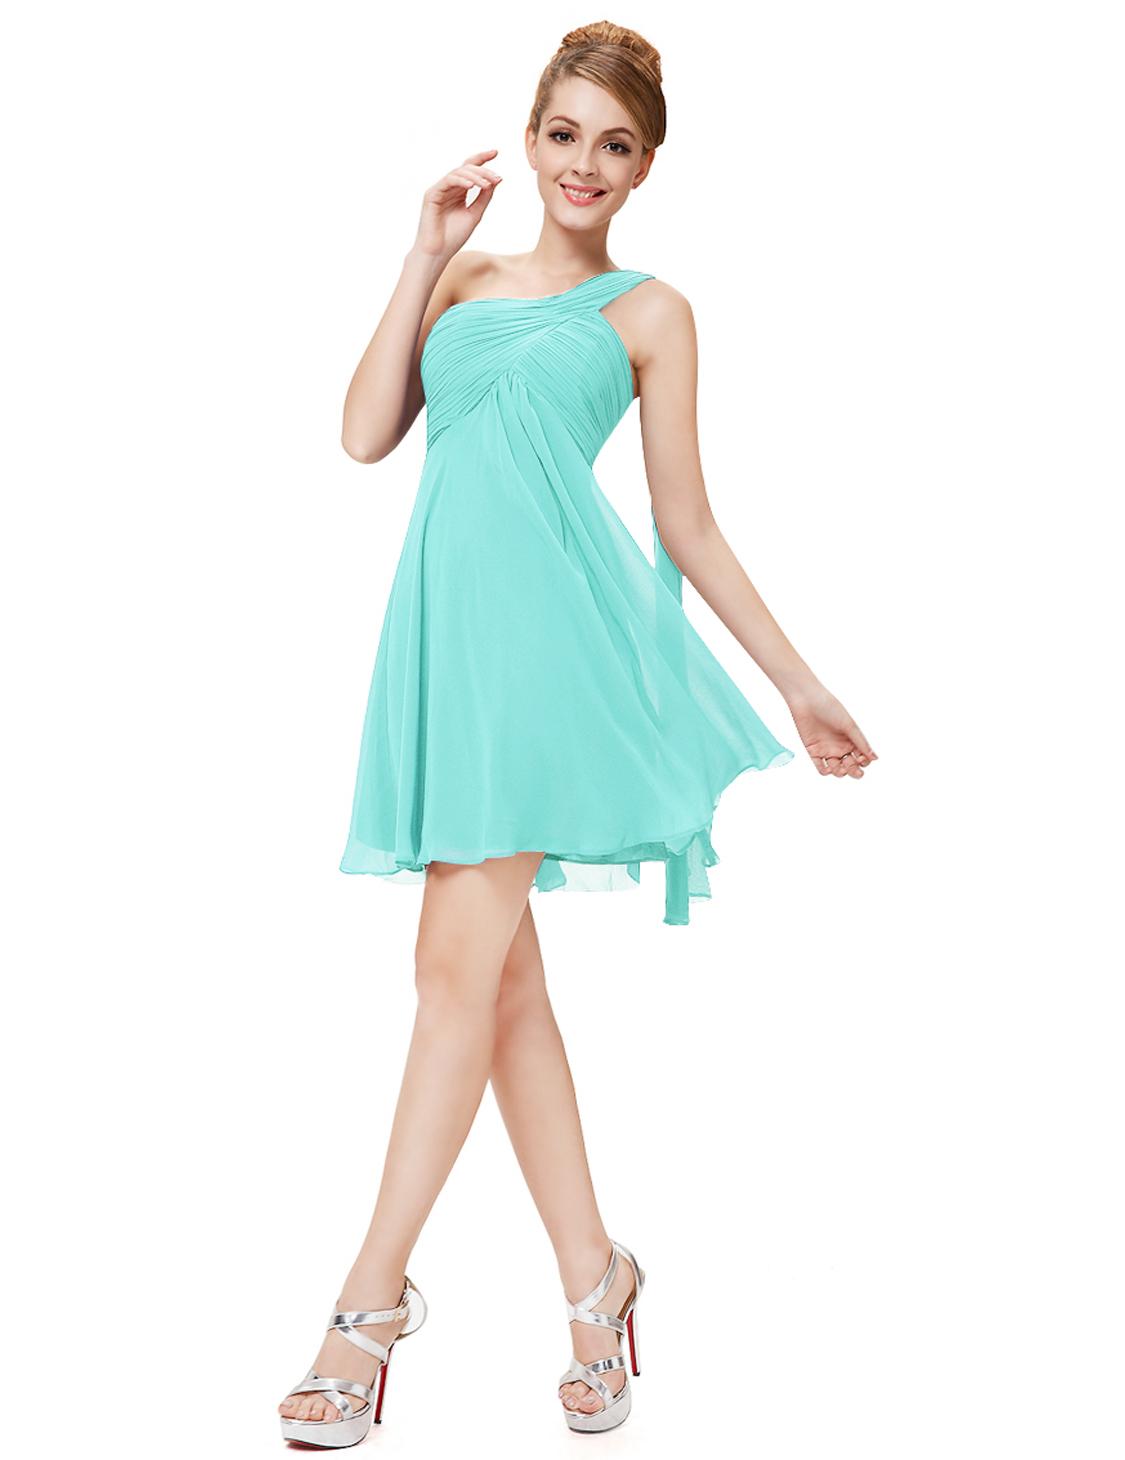 Short Prom Dresses Uk Ebay - Formal Dresses